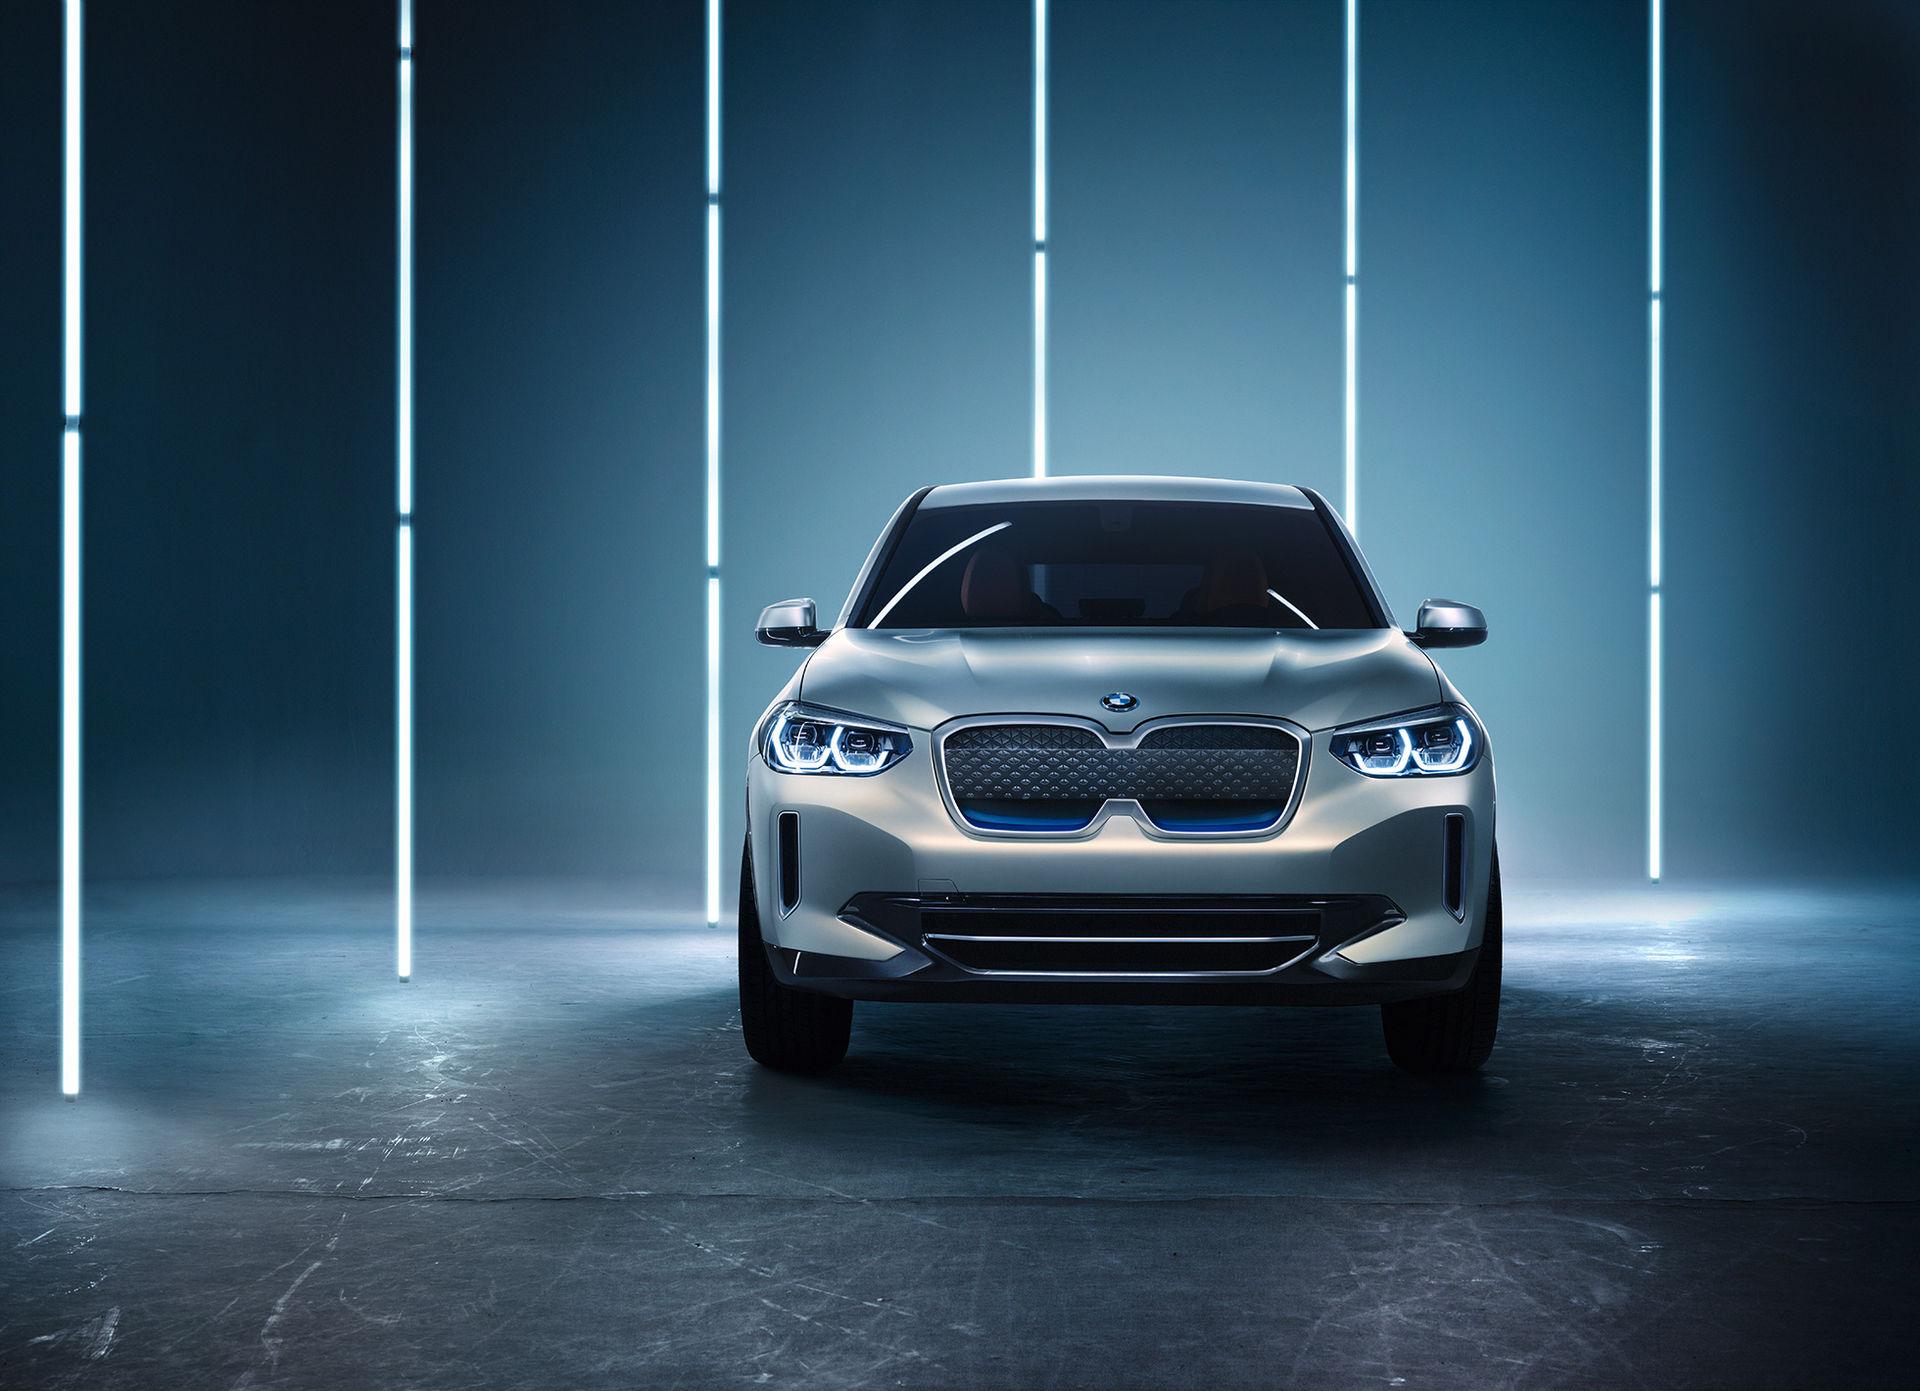 BMW presenterar eldrivna Concept iX3